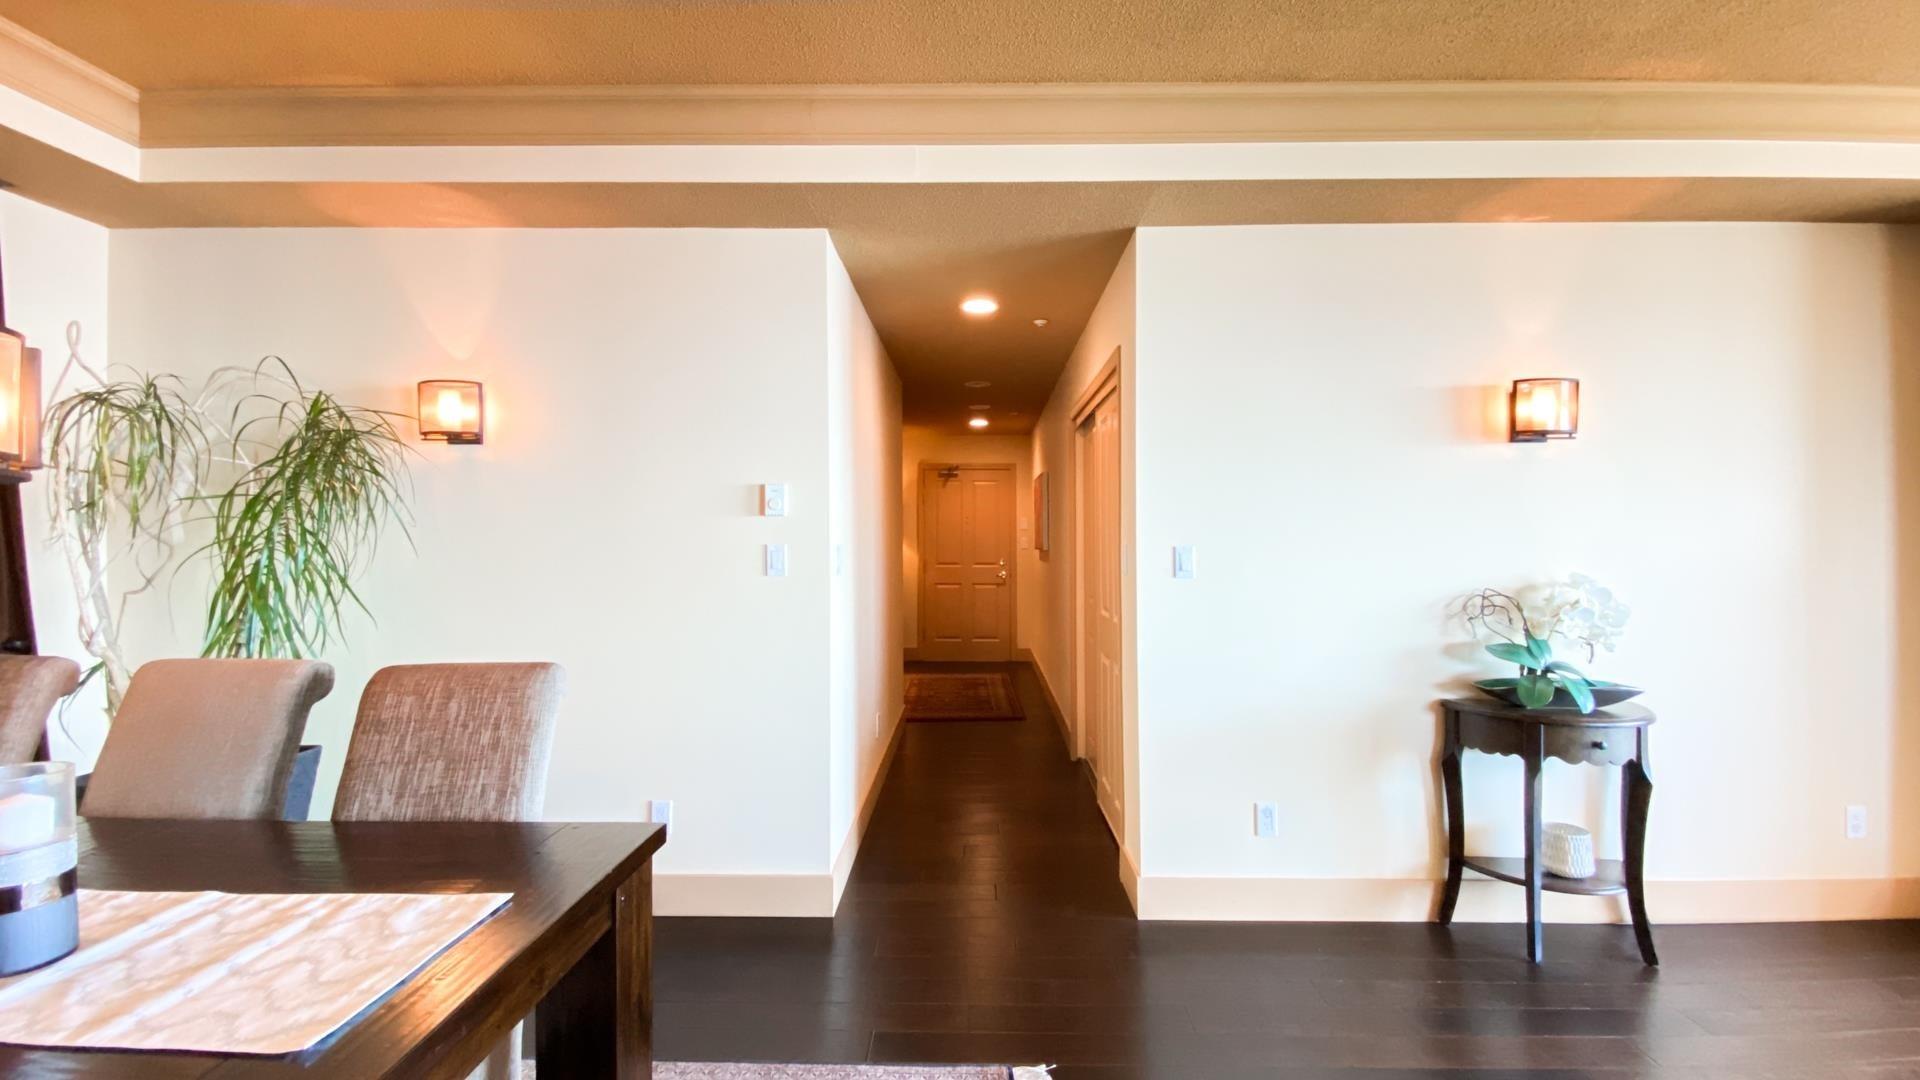 301 3131 DEER RIDGE DRIVE - Deer Ridge WV Apartment/Condo for sale, 2 Bedrooms (R2615692) - #12